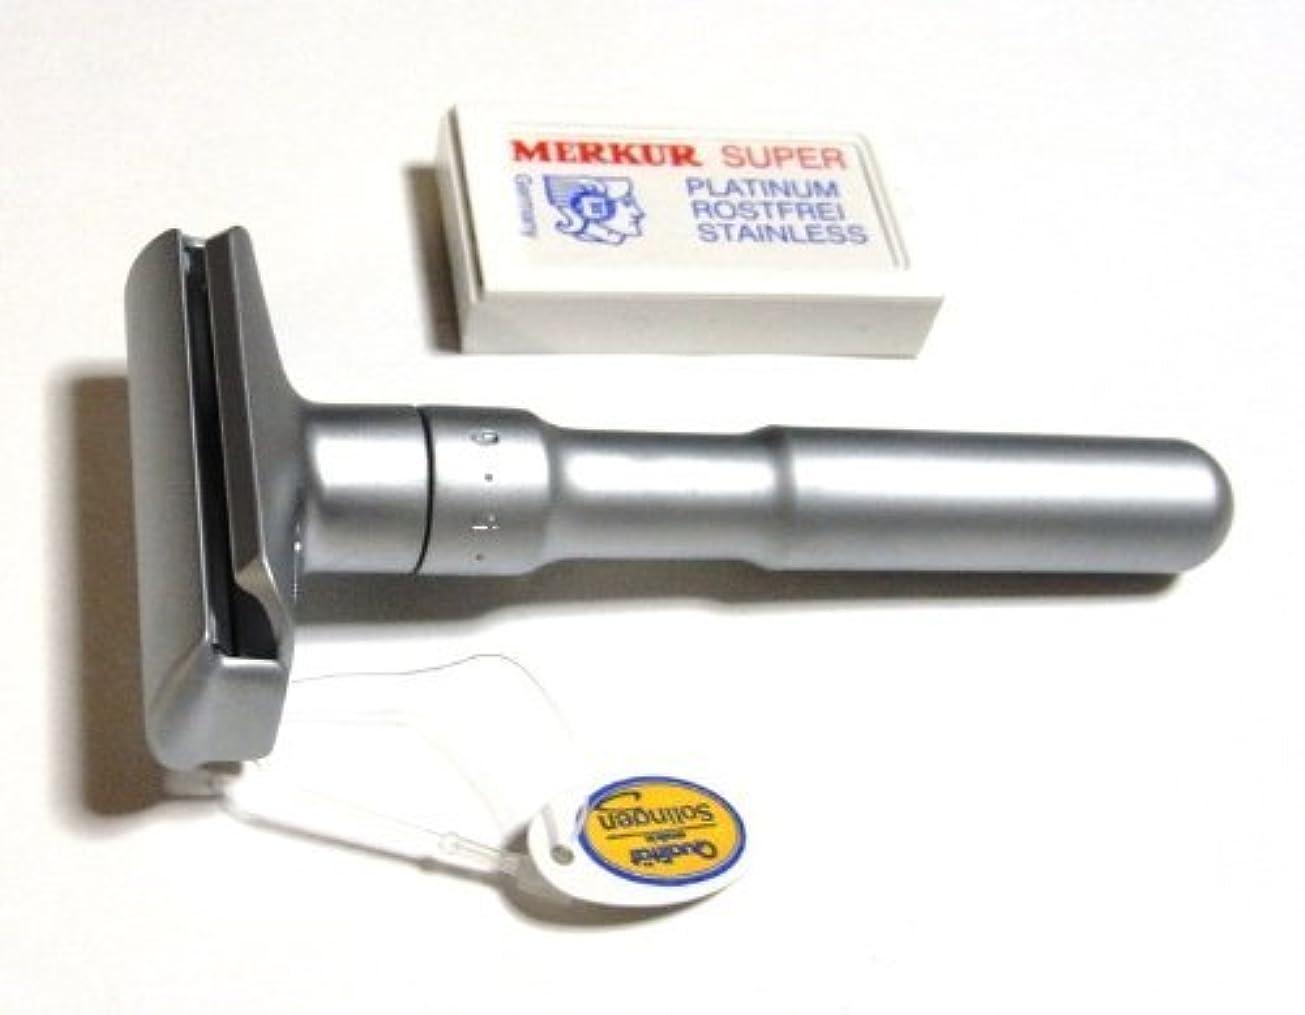 不毛ローズ弾薬メルクールMERKUR(独) 髭剃り(ひげそり)両刃ホルダーFUTUR 700S 角度調節機能付 サテン(替刃10+1枚付)